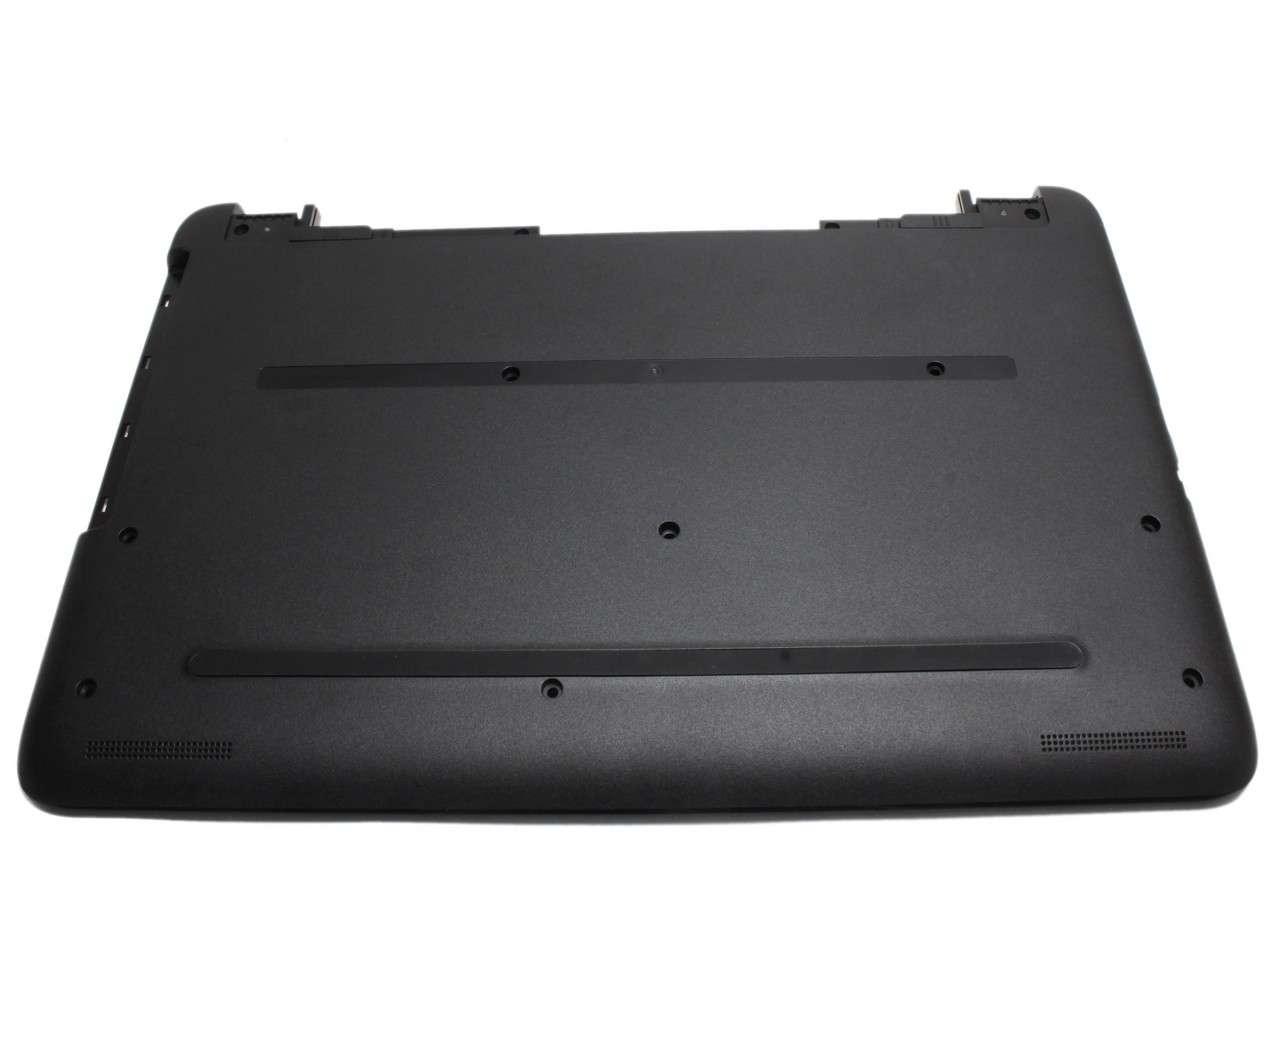 Bottom Case HP 907521-001 Carcasa Inferioara Neagra imagine powerlaptop.ro 2021